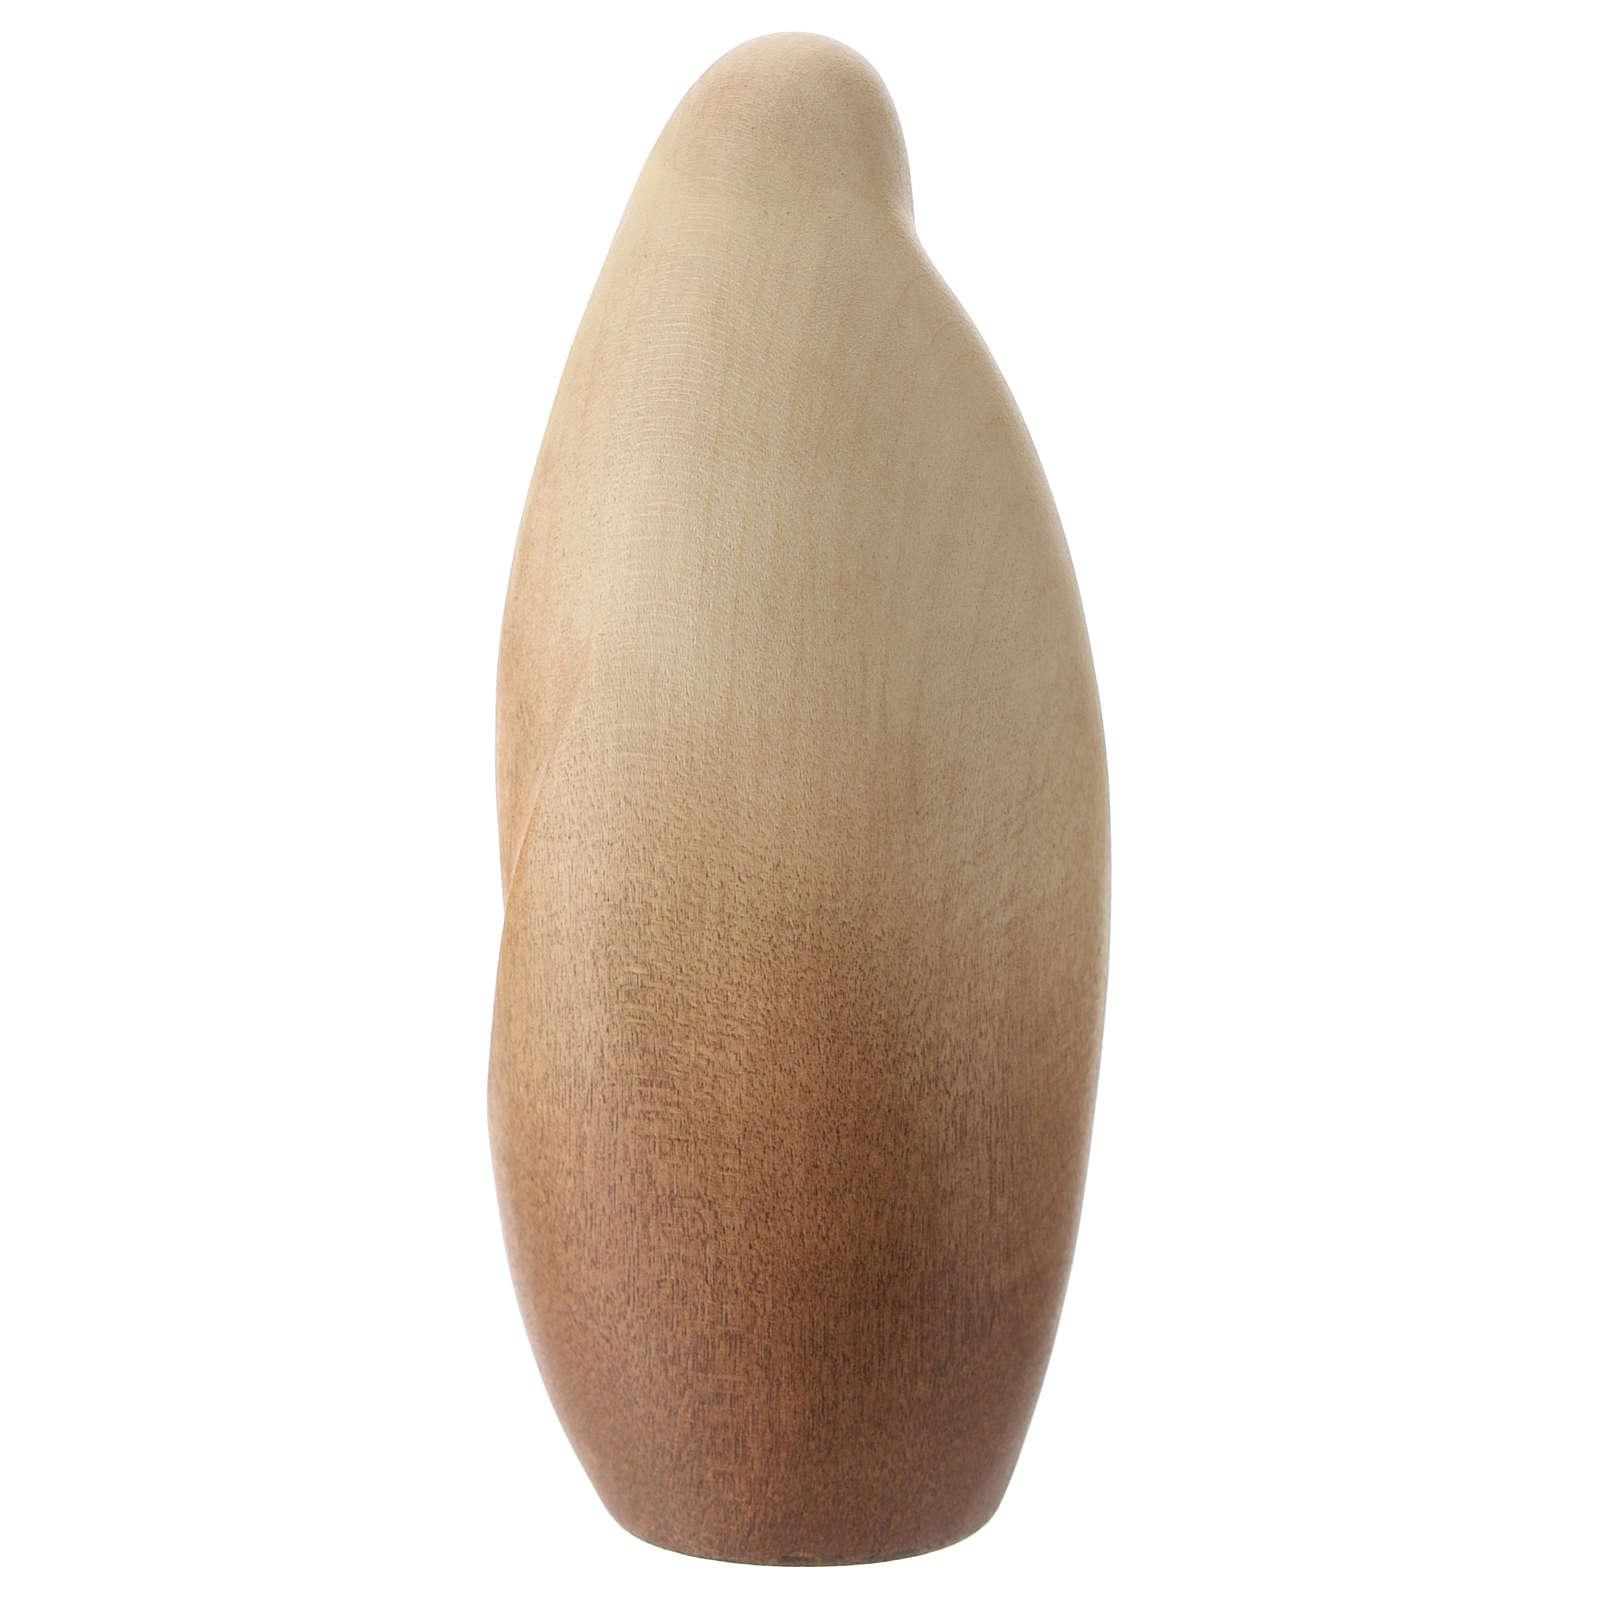 Natività La tenerezza legno acero legno naturale Valgardena 3